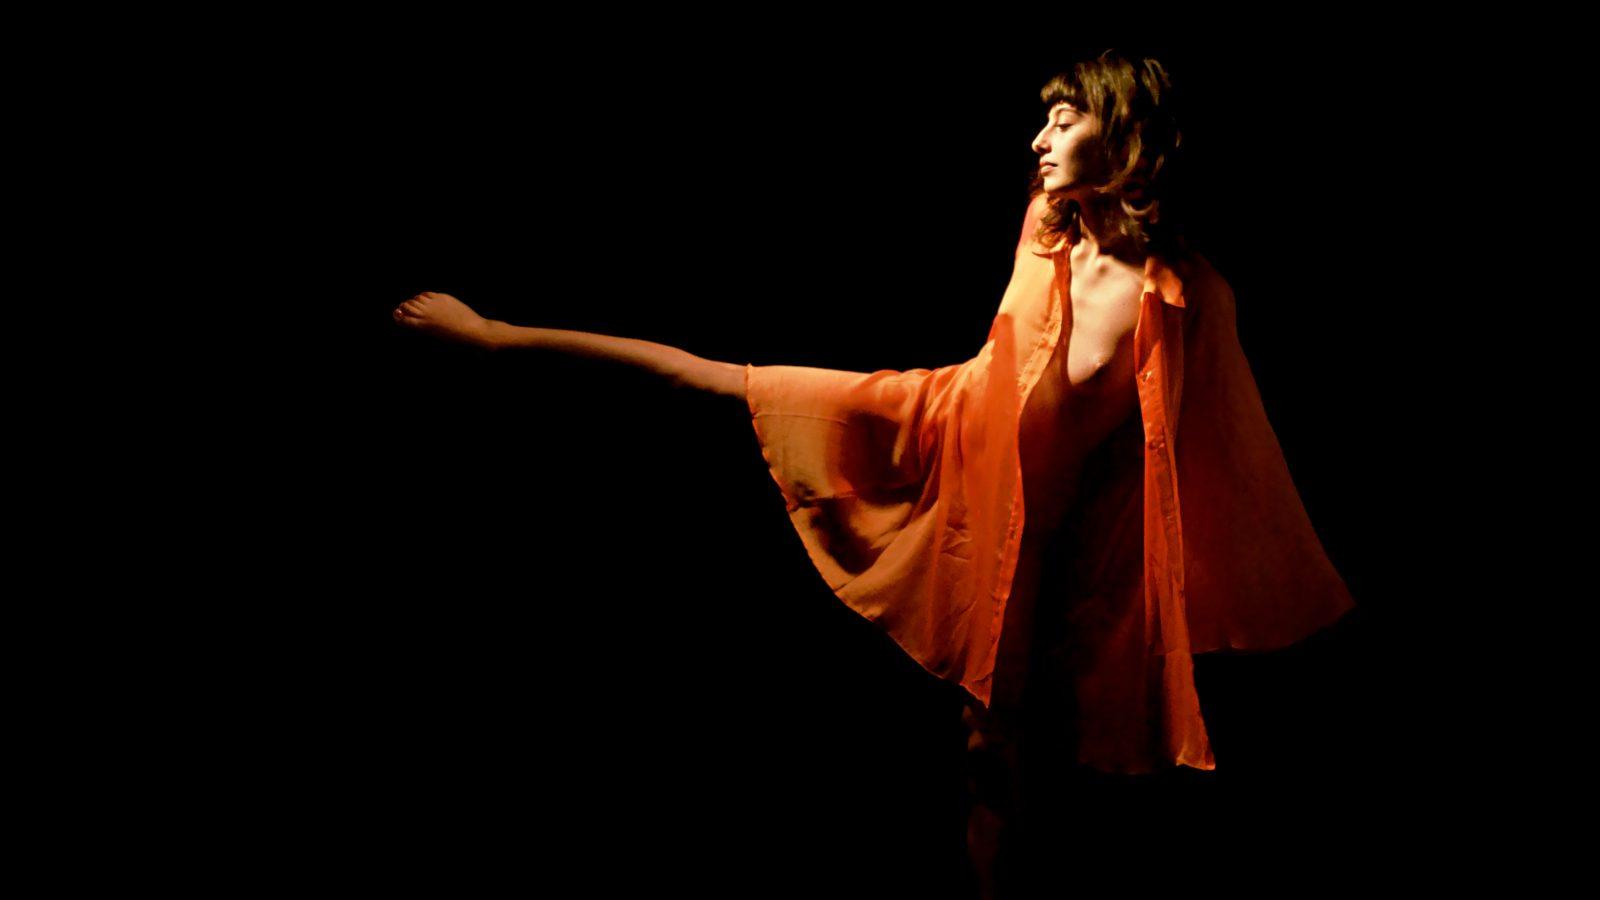 A cloakwork orange